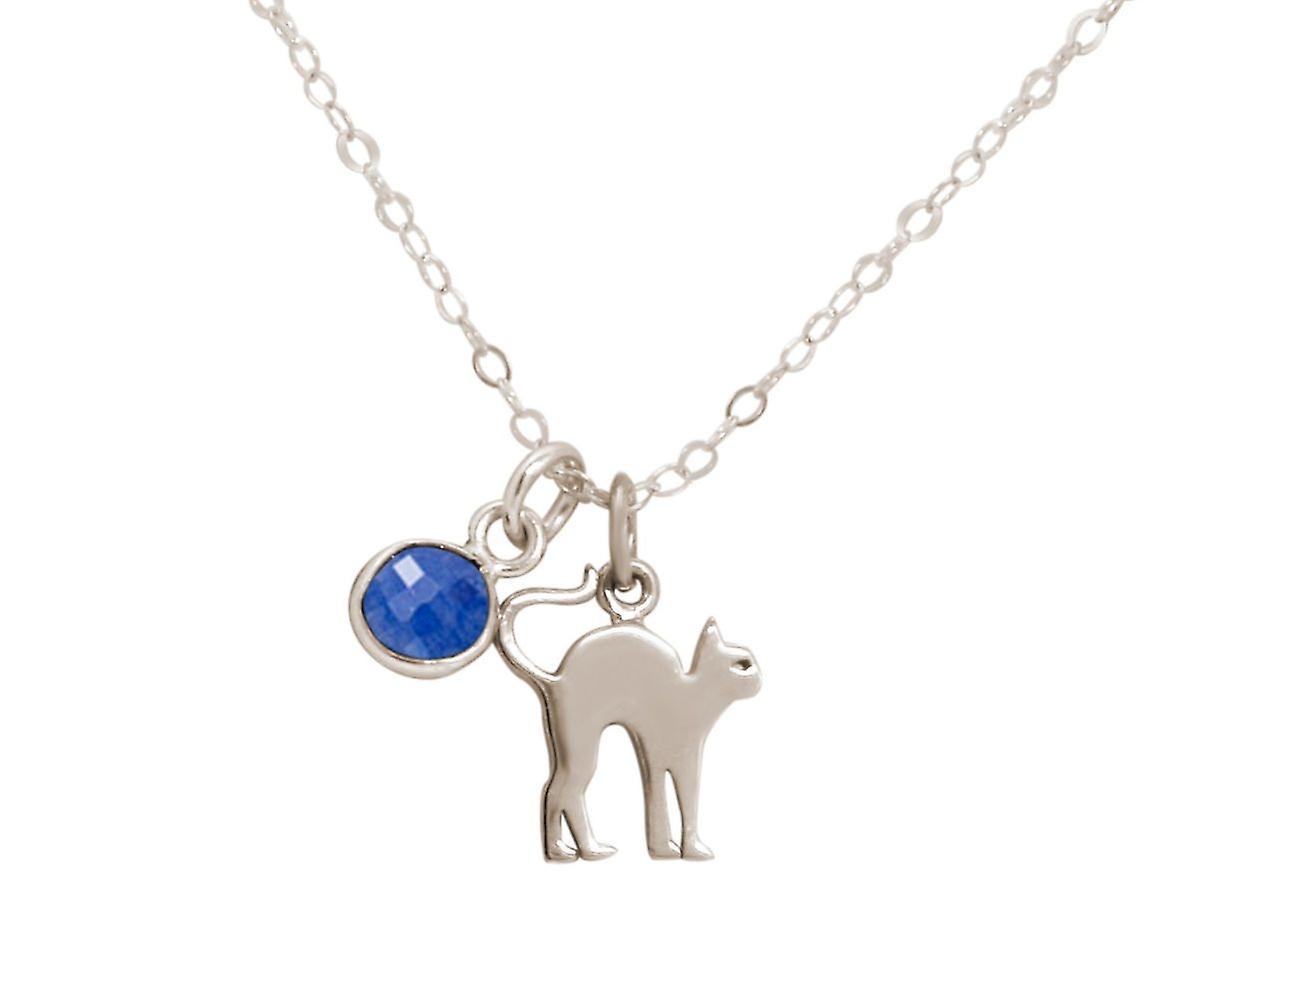 GEMSHINE chat pendentif avec Pierre de saphir bleu. Argent 925 massif, plaqué or ou collier de 45cm. Cadeau pour le propriétaire de l'animal, maîtresse - fabriquée en Espagne